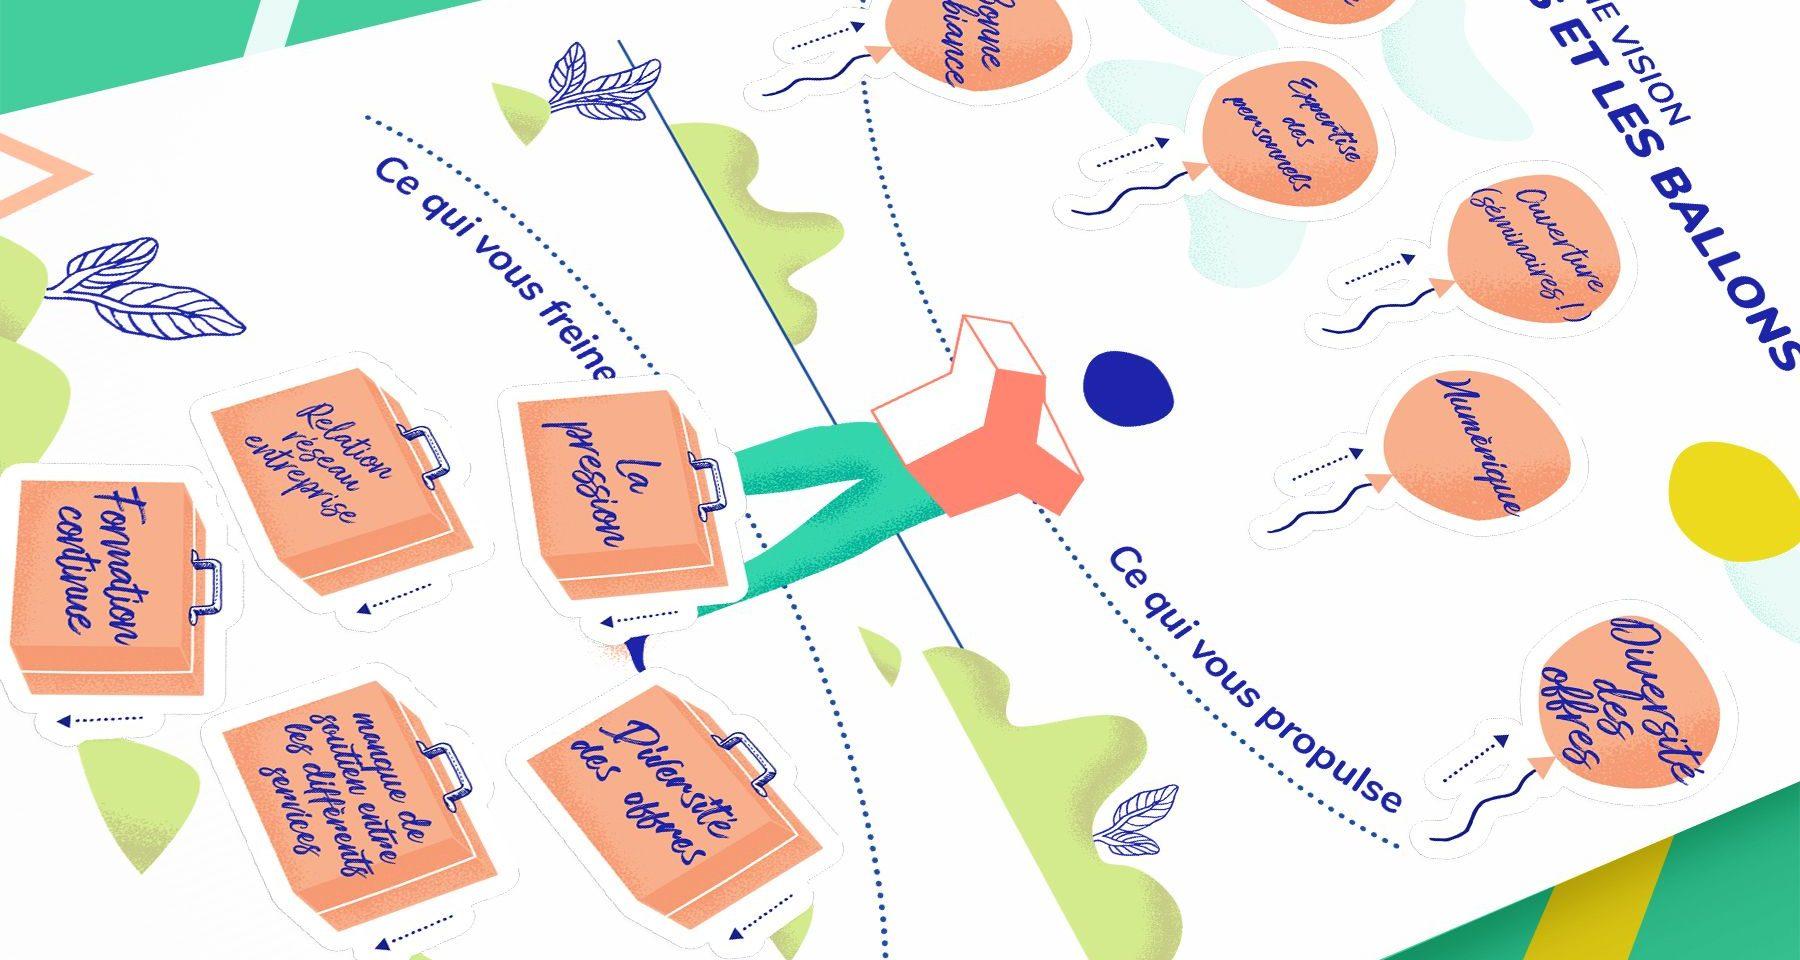 Focus sur les magnets personnalisables au velleda